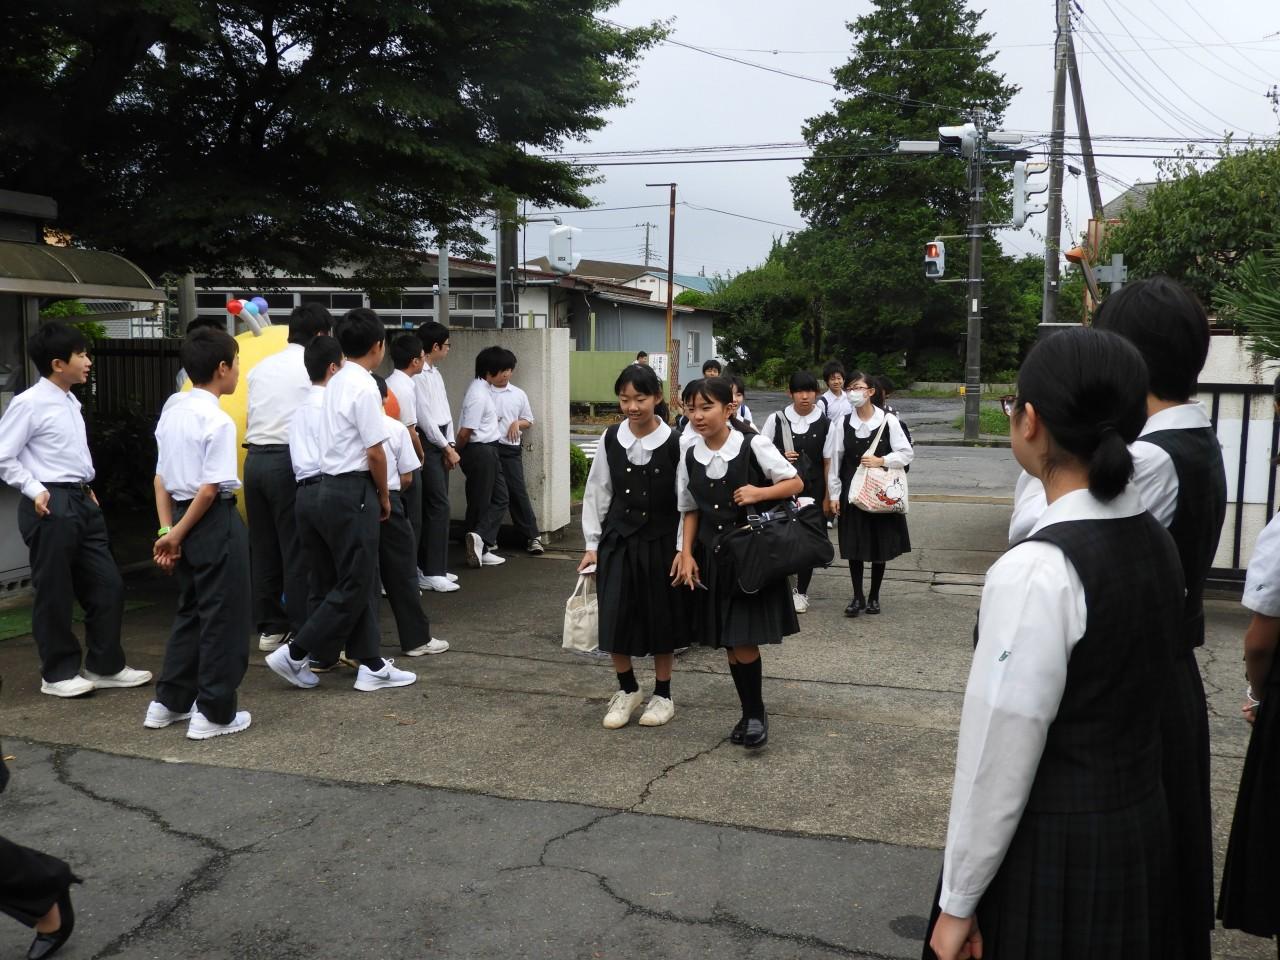 高等 名古屋 大学 附属 教育 学校 学部